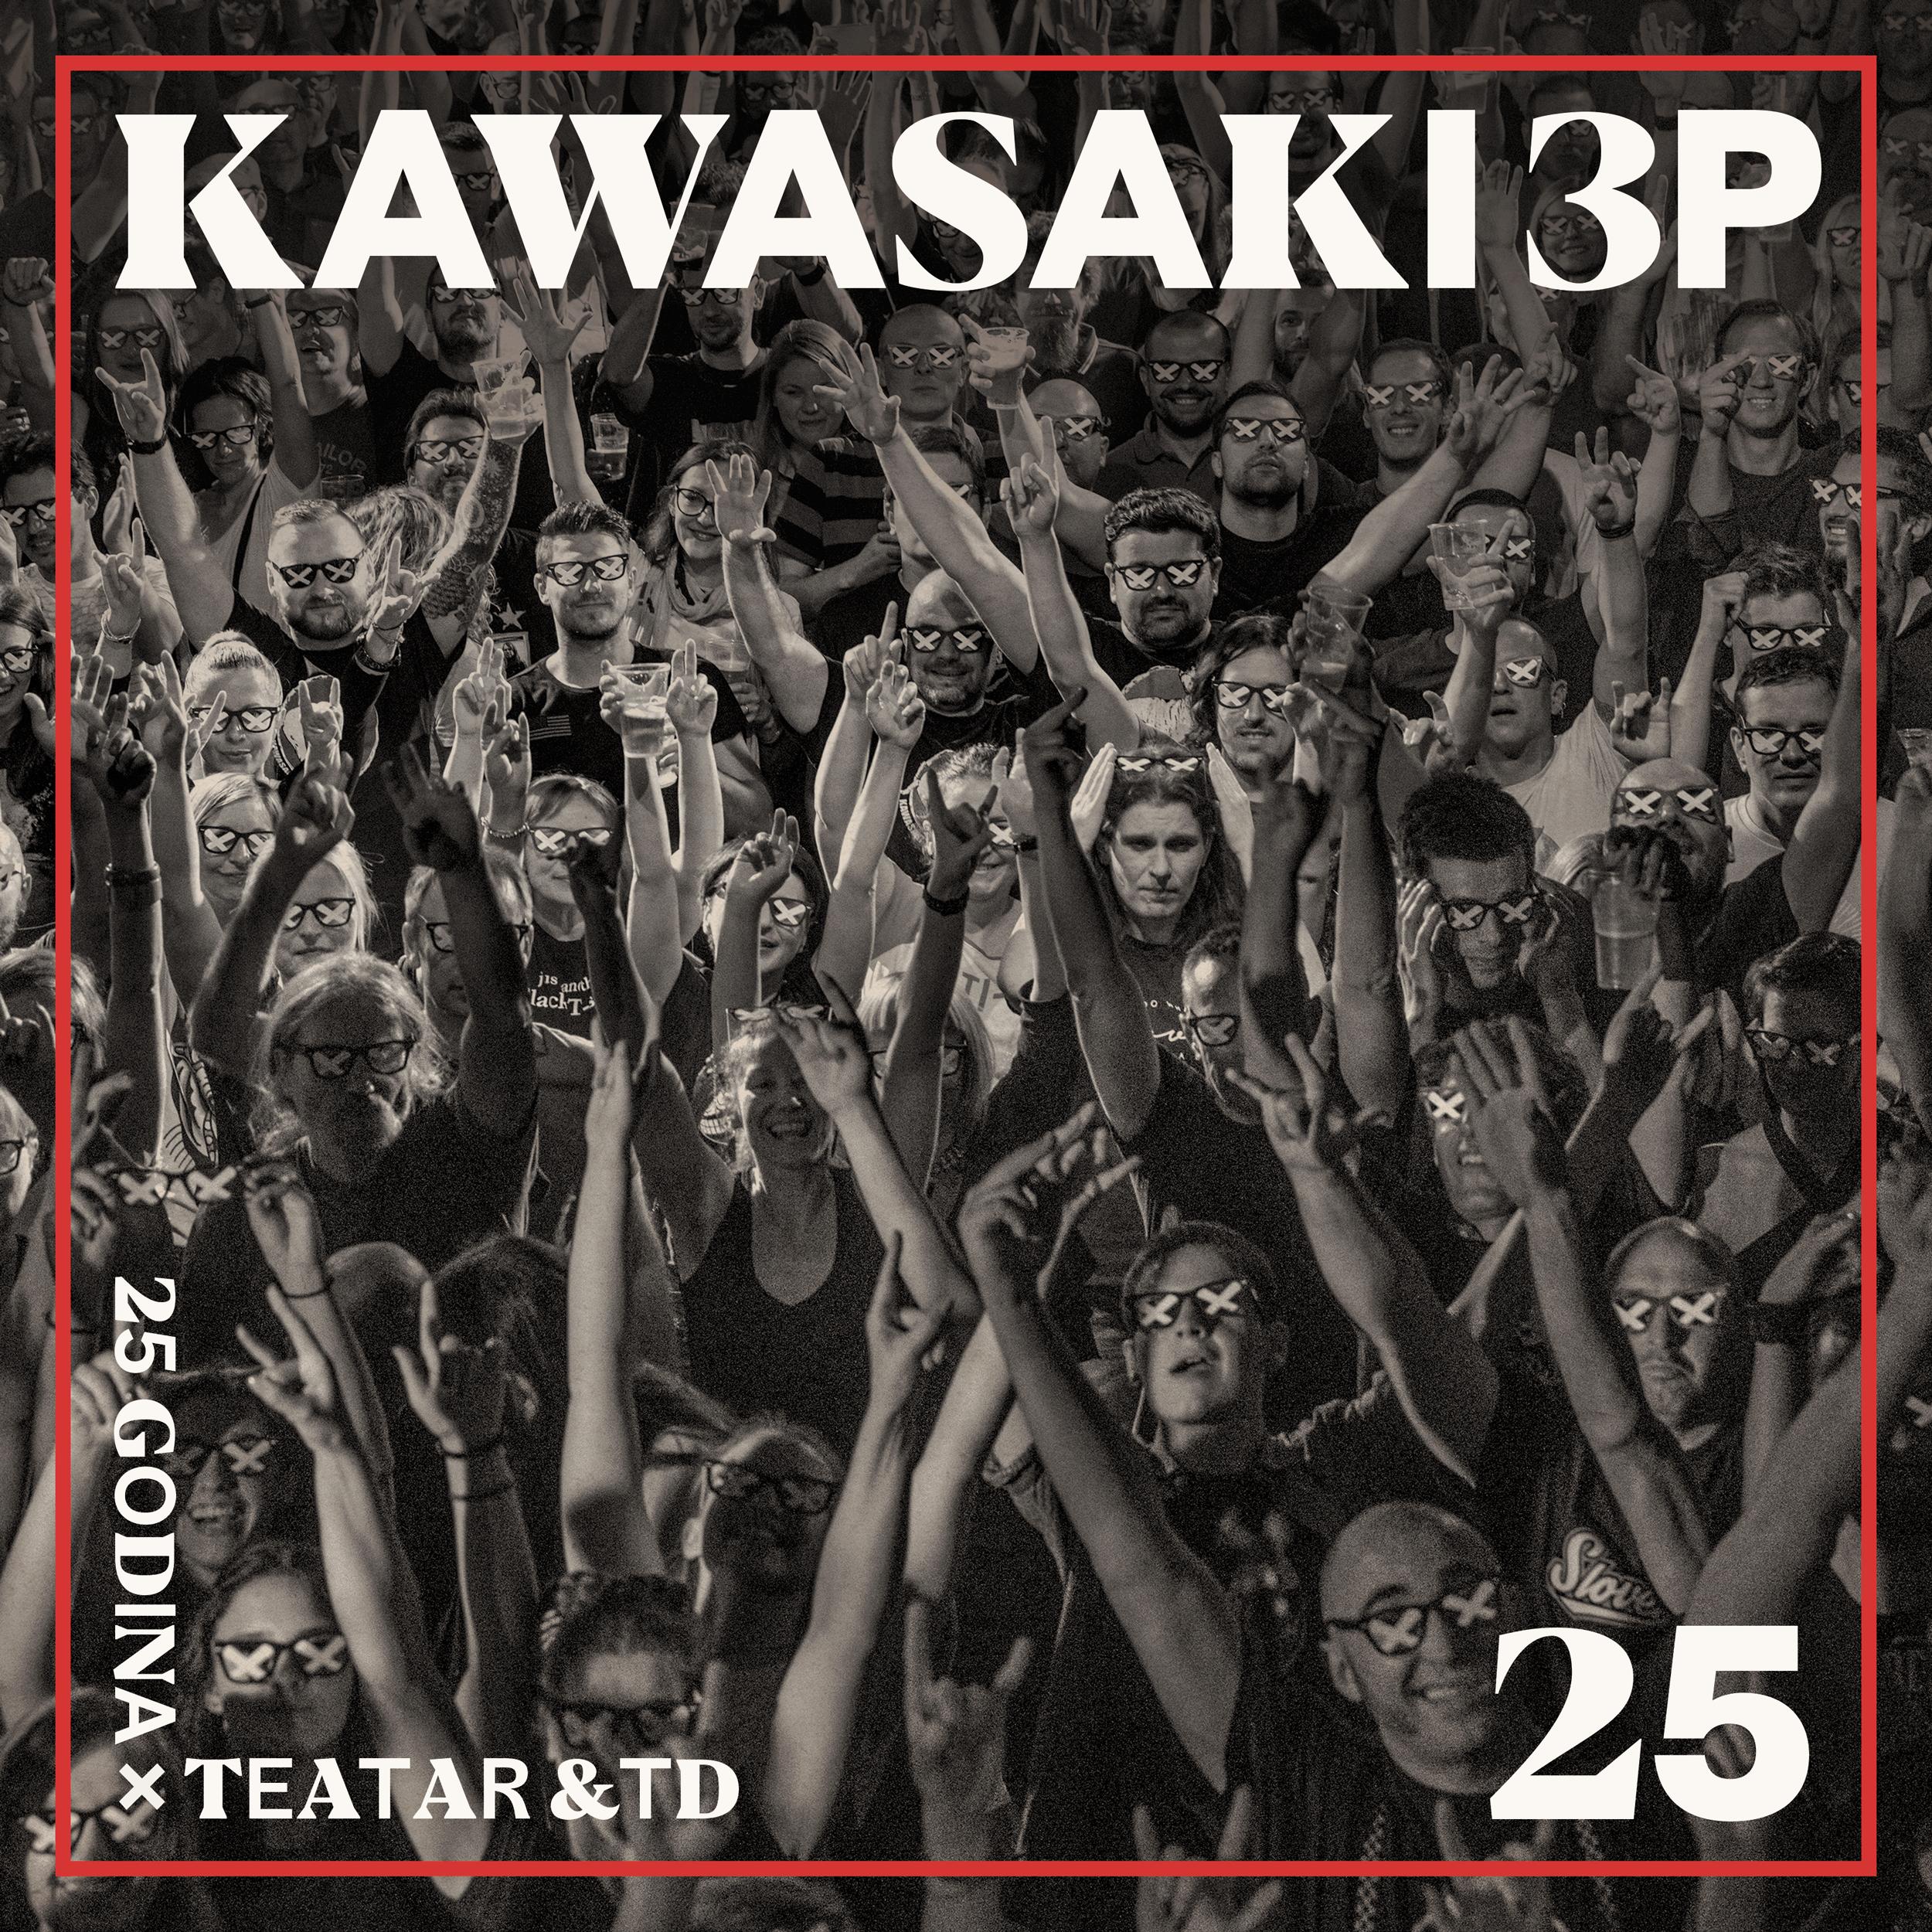 Kawasaki 3p su povodom 25. rođendan objavili live CD/DVD